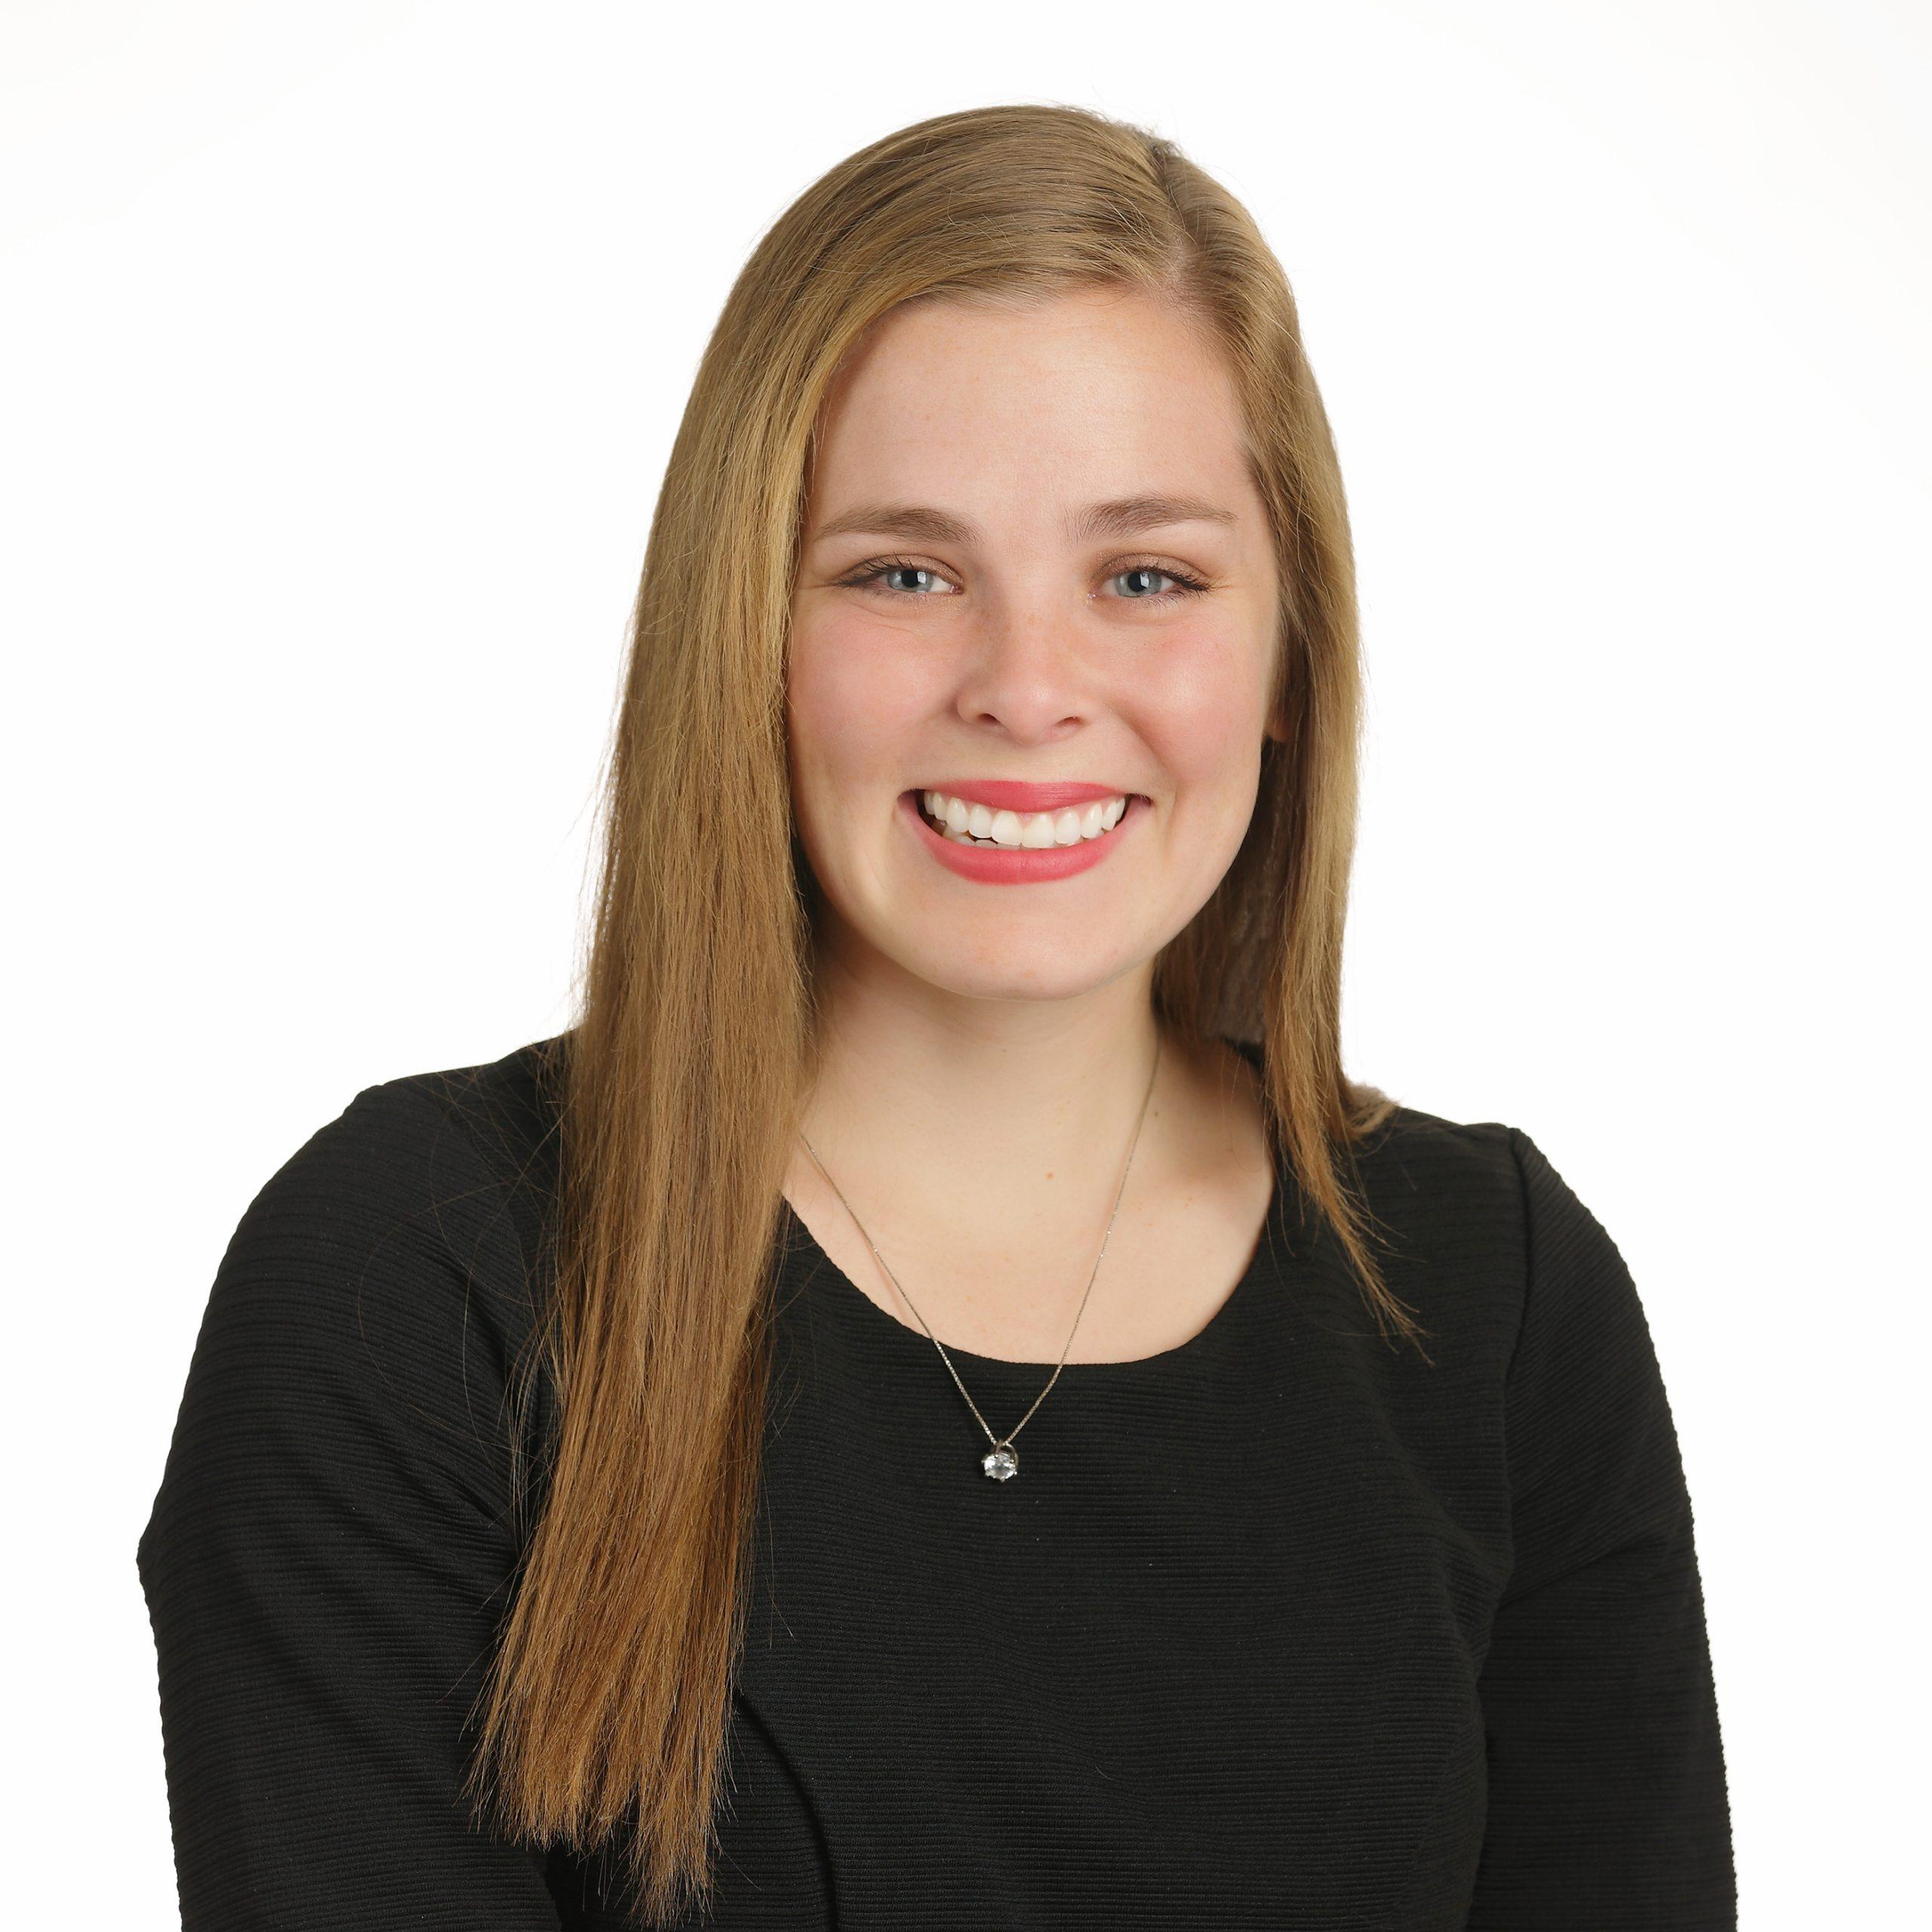 Lauren Deitering